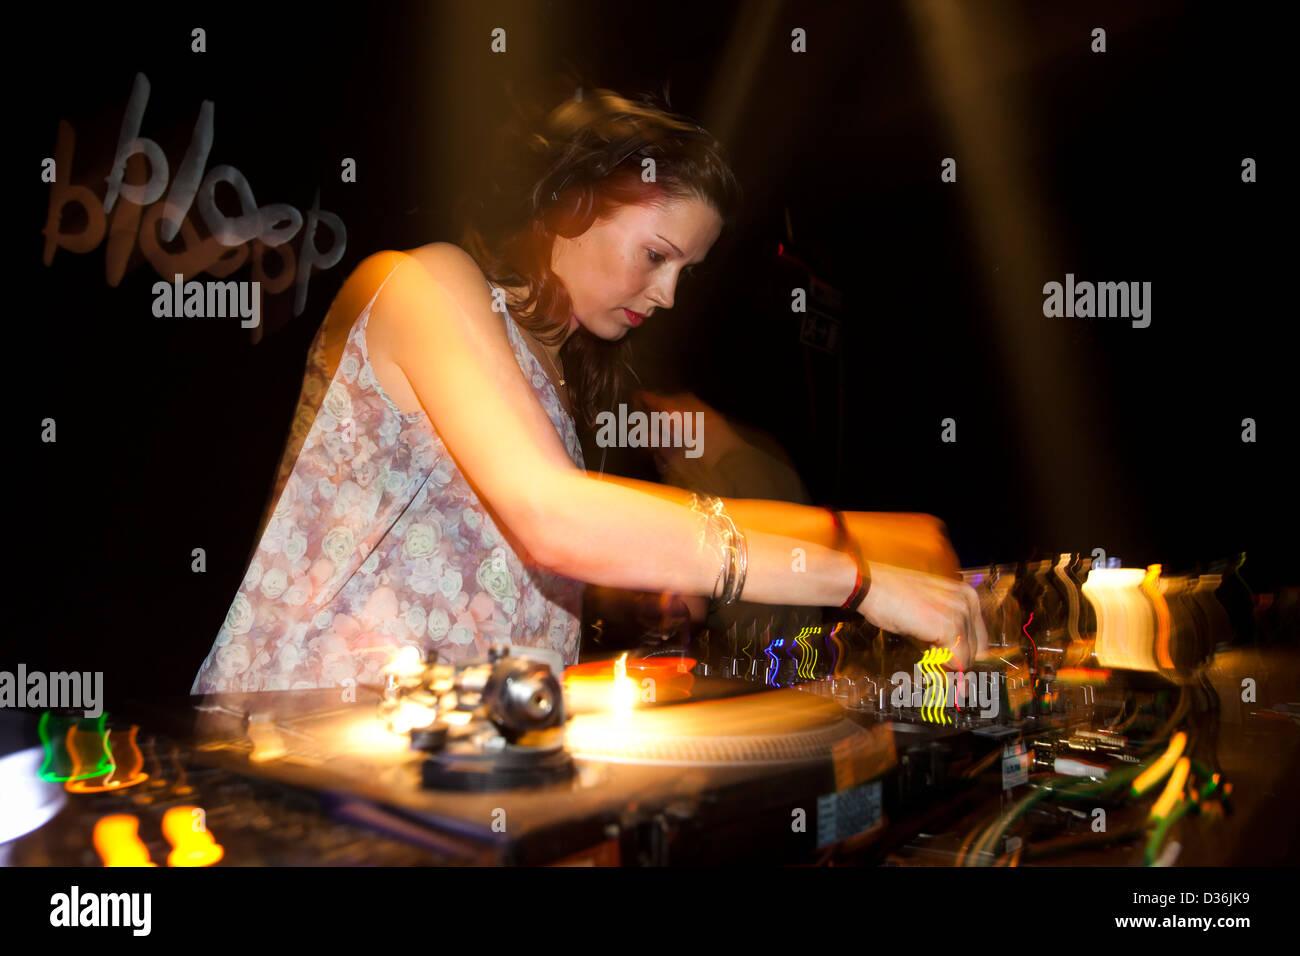 Woman DJing at a party. - Stock Image